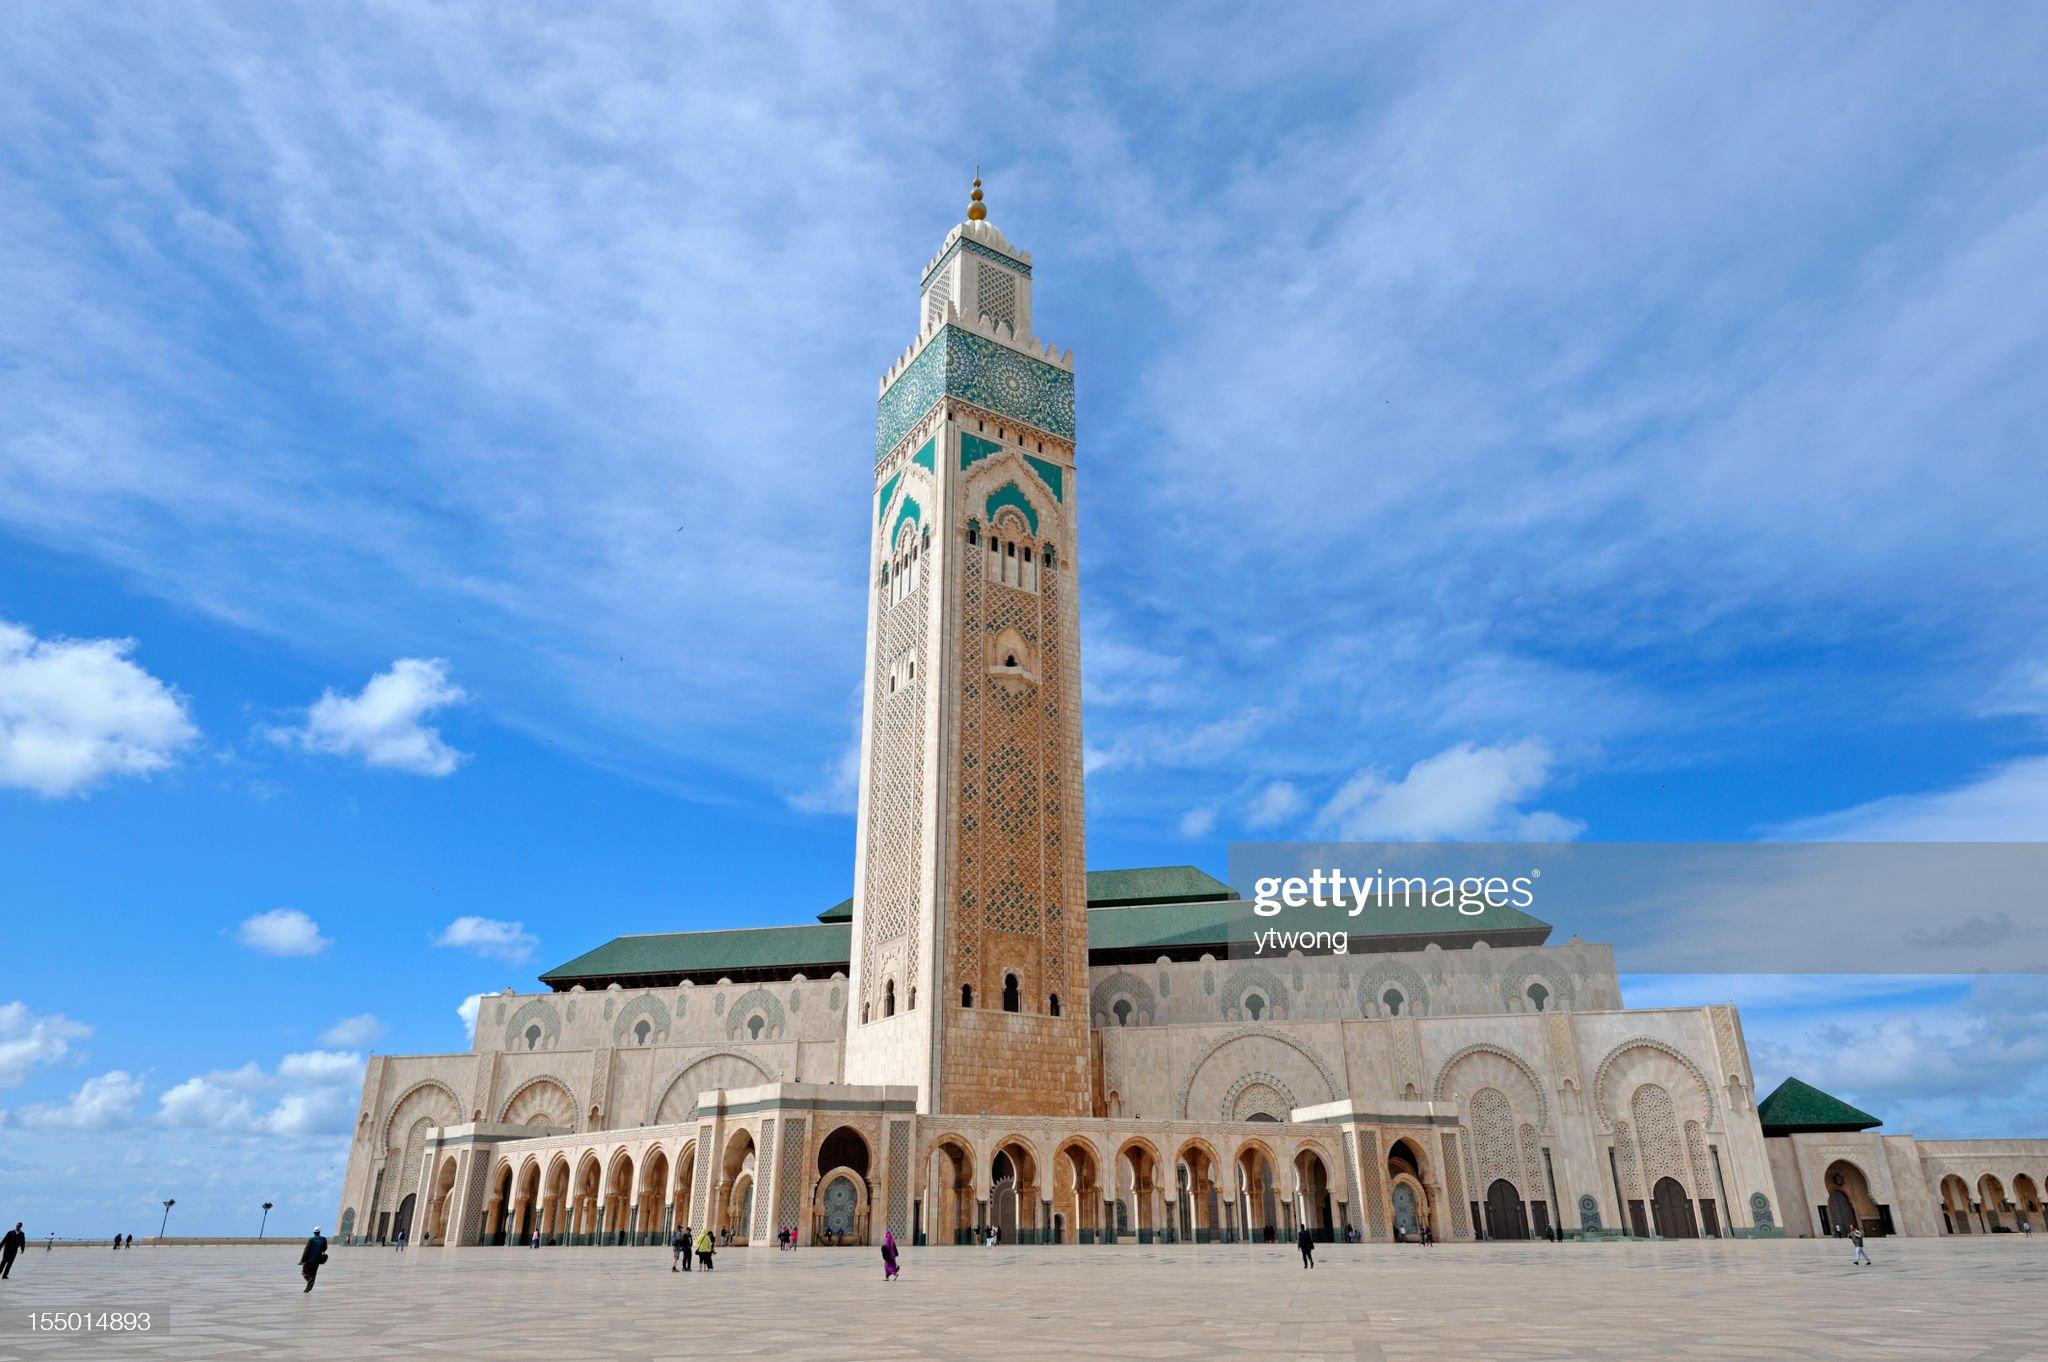 La mezquita de Hassan II en Casablanca, el emblemático : Foto de stock